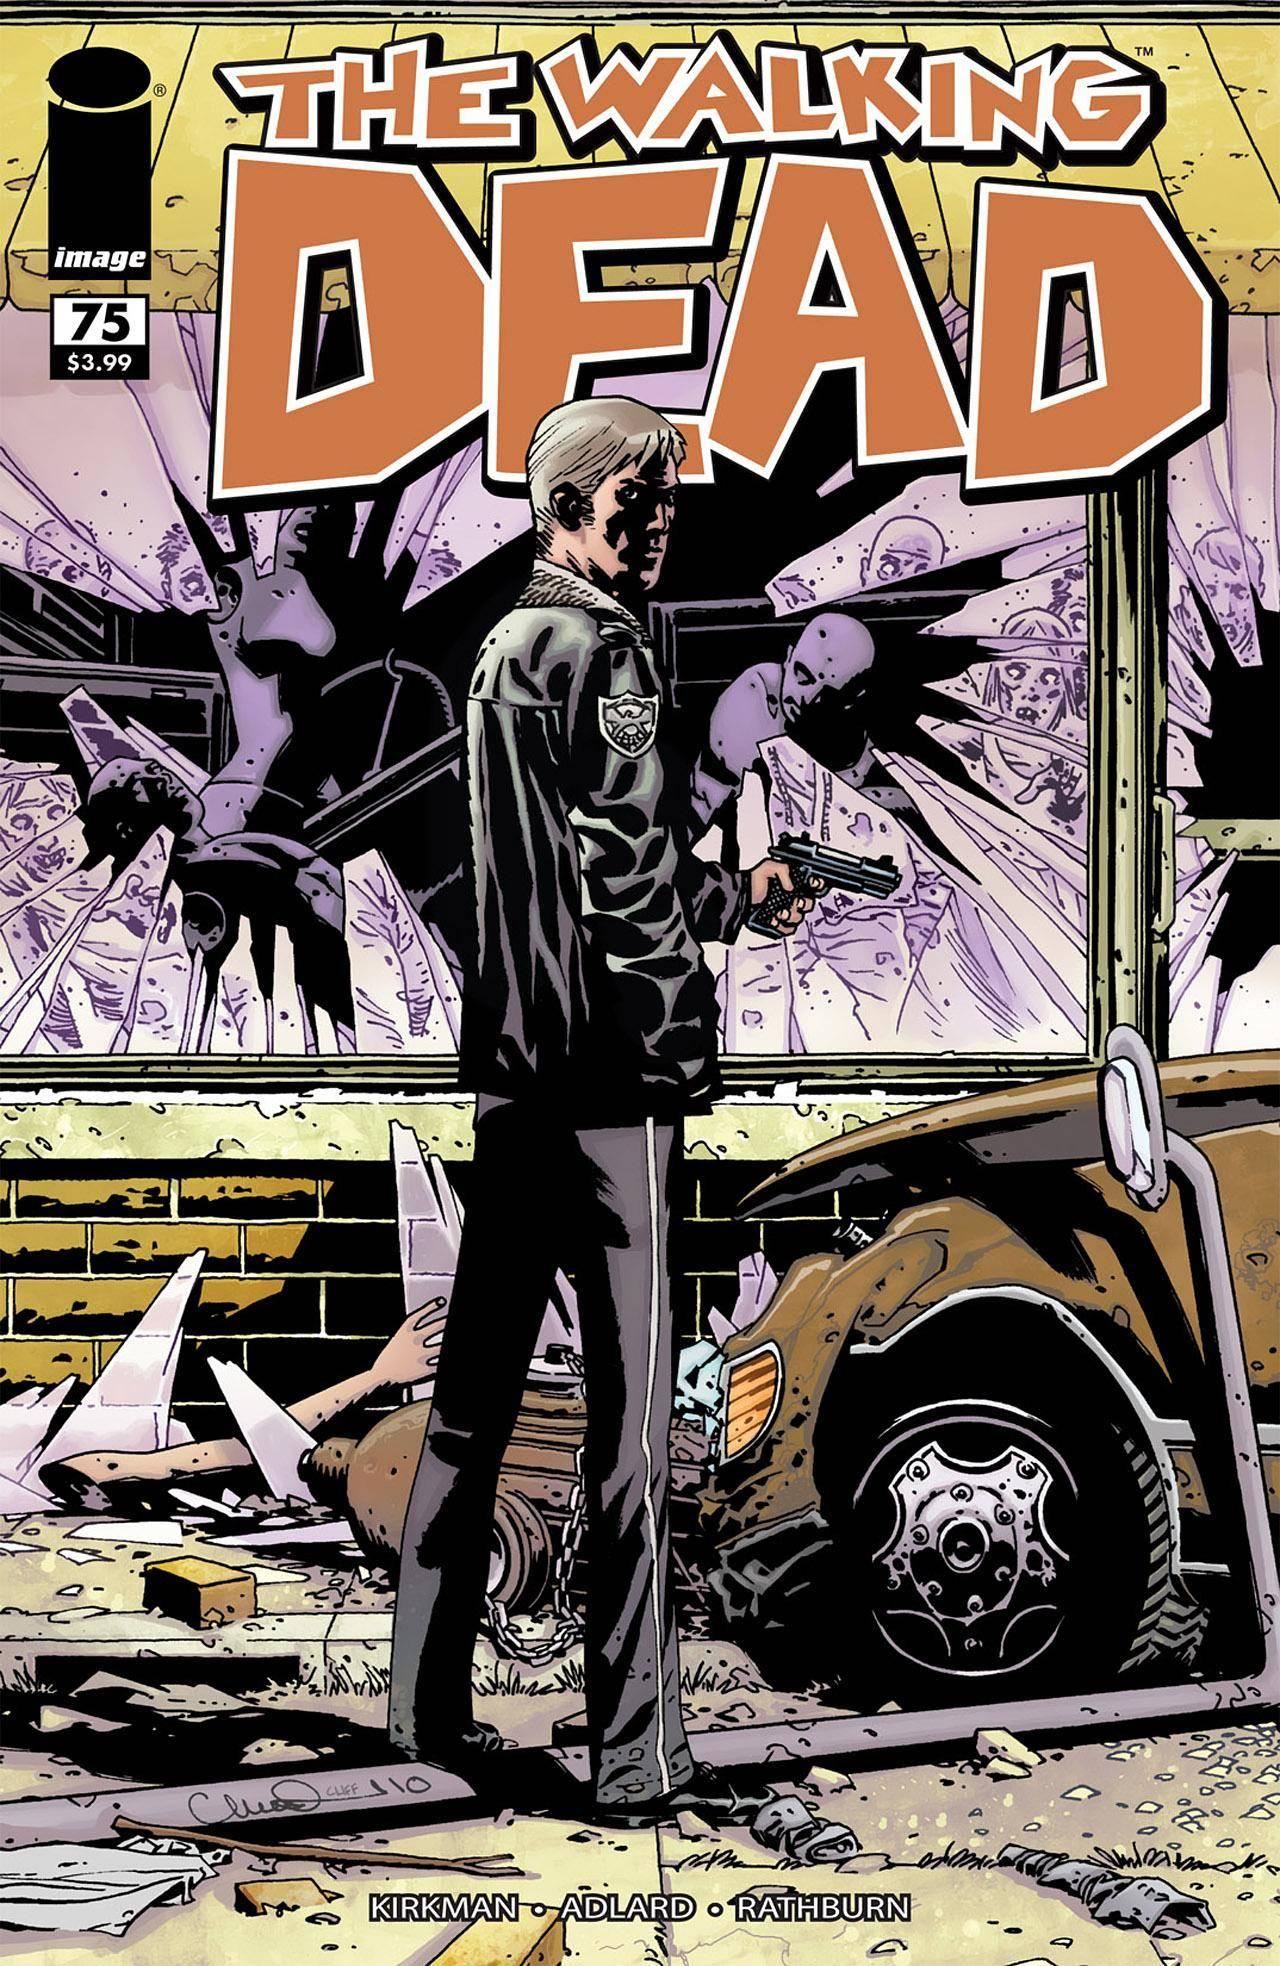 Walking Dead 075 2010 2 covers digital